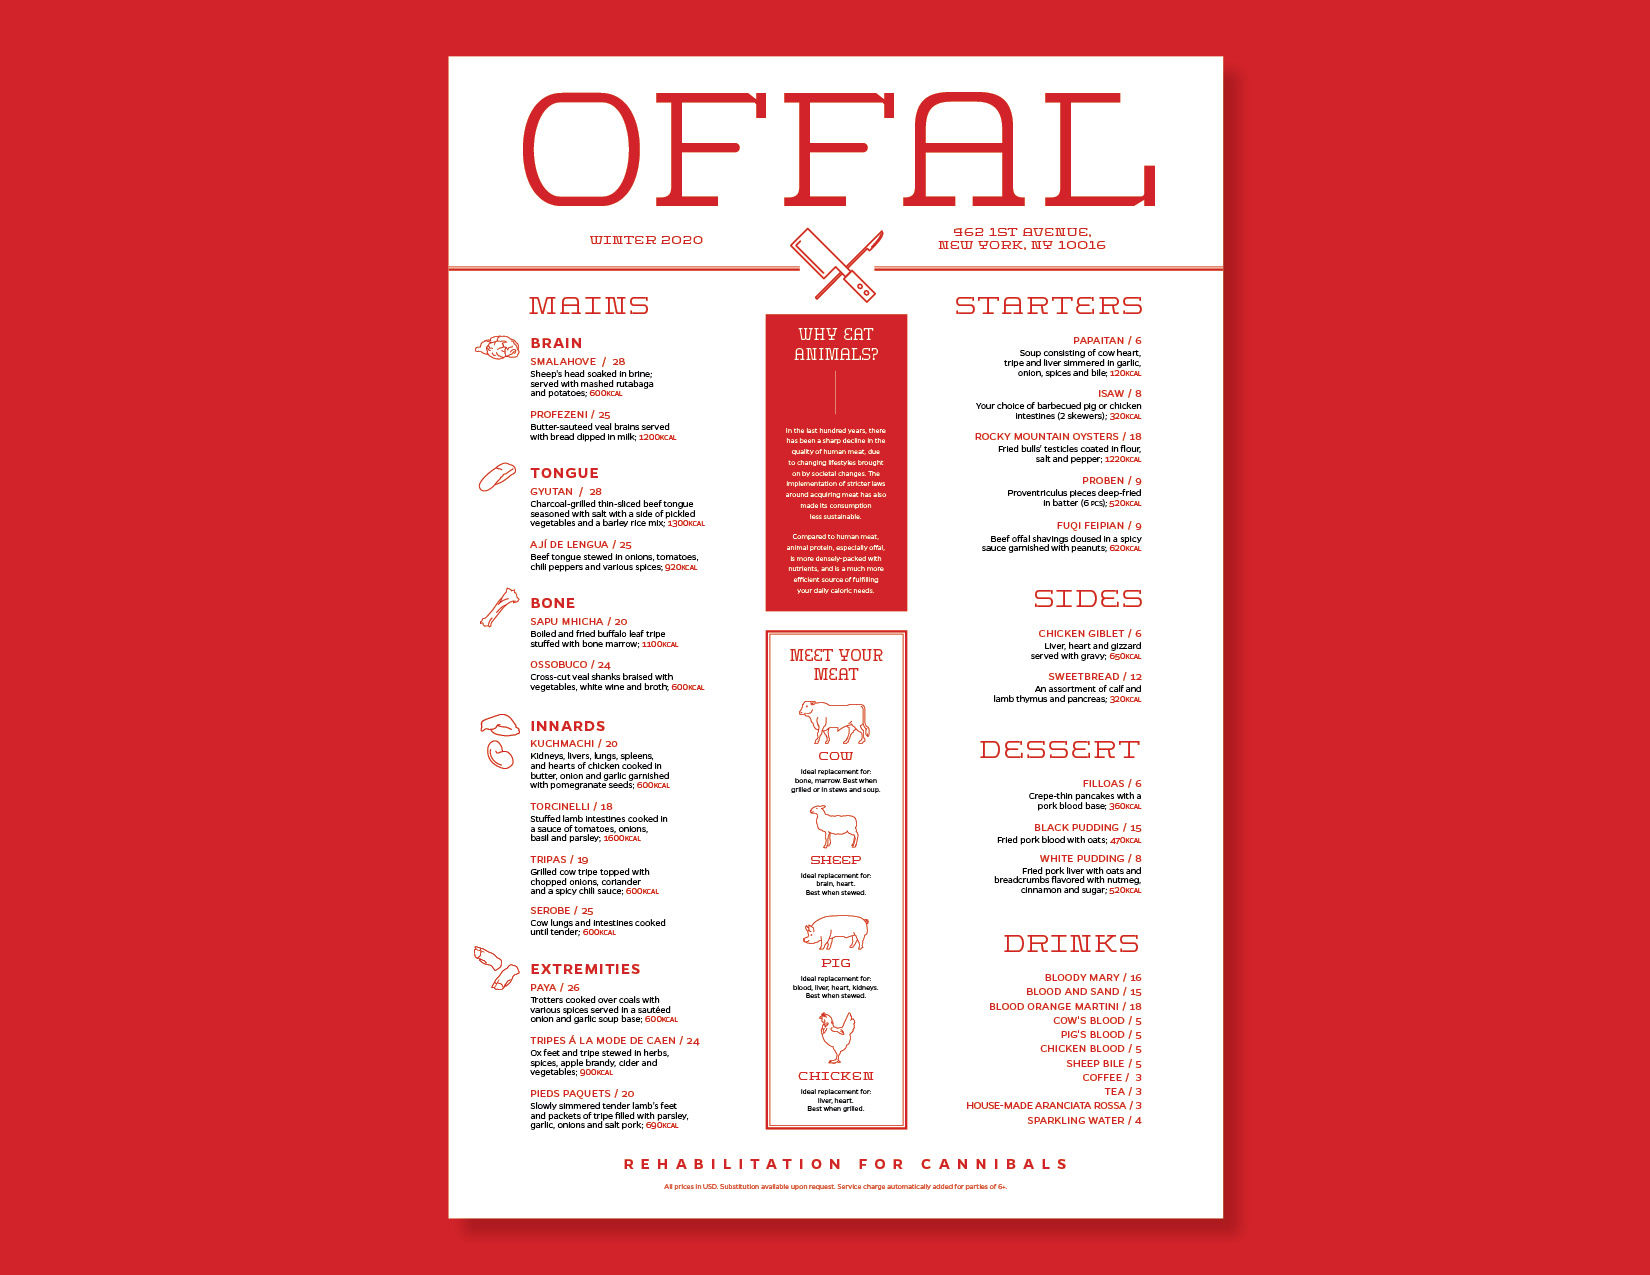 Offal_BrandBook_v2-1